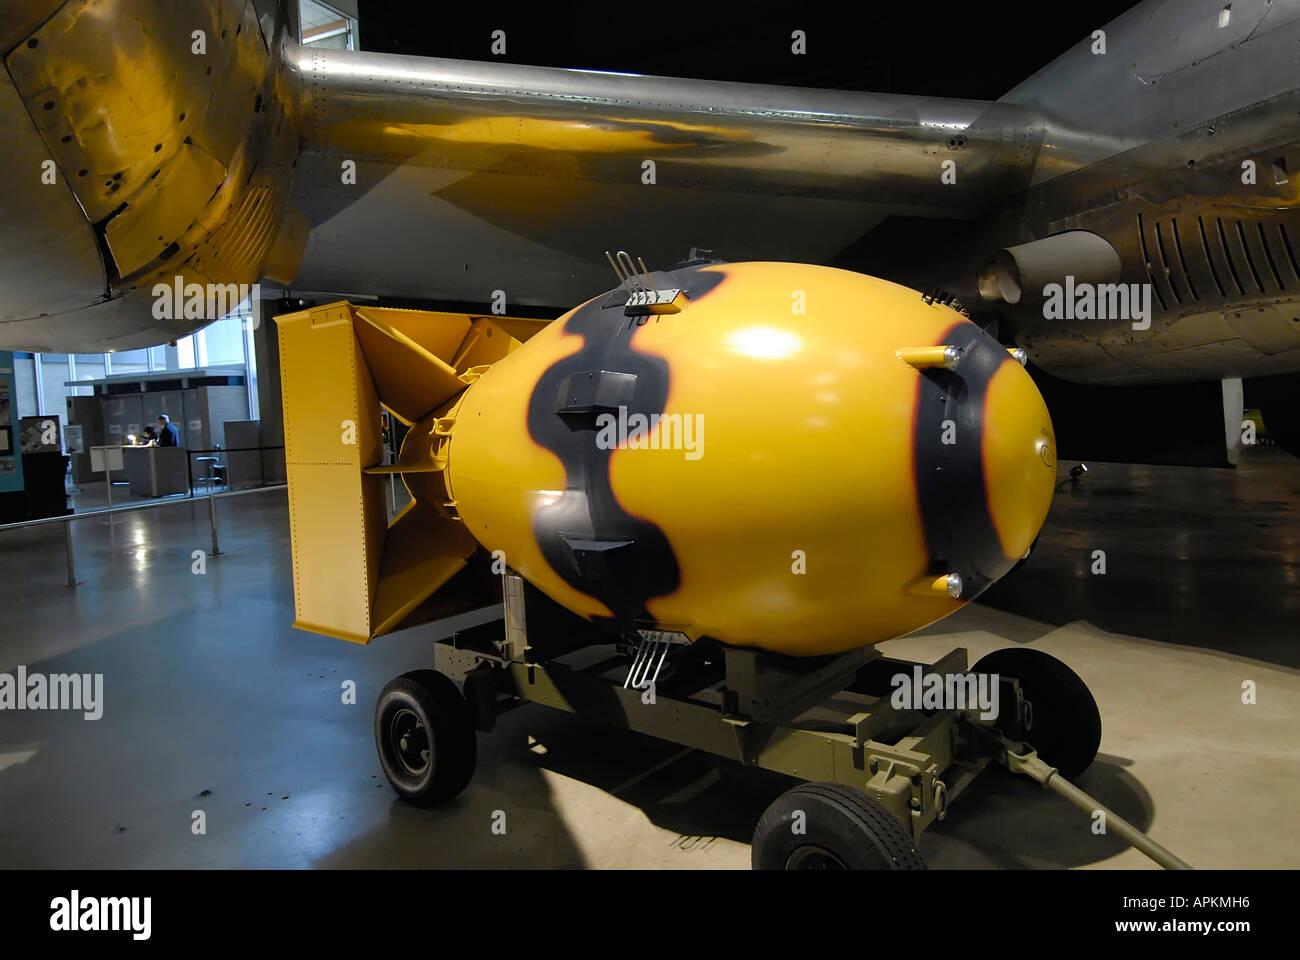 Luftwaffe Museum Stockfotos und bilder Kaufen Alamy